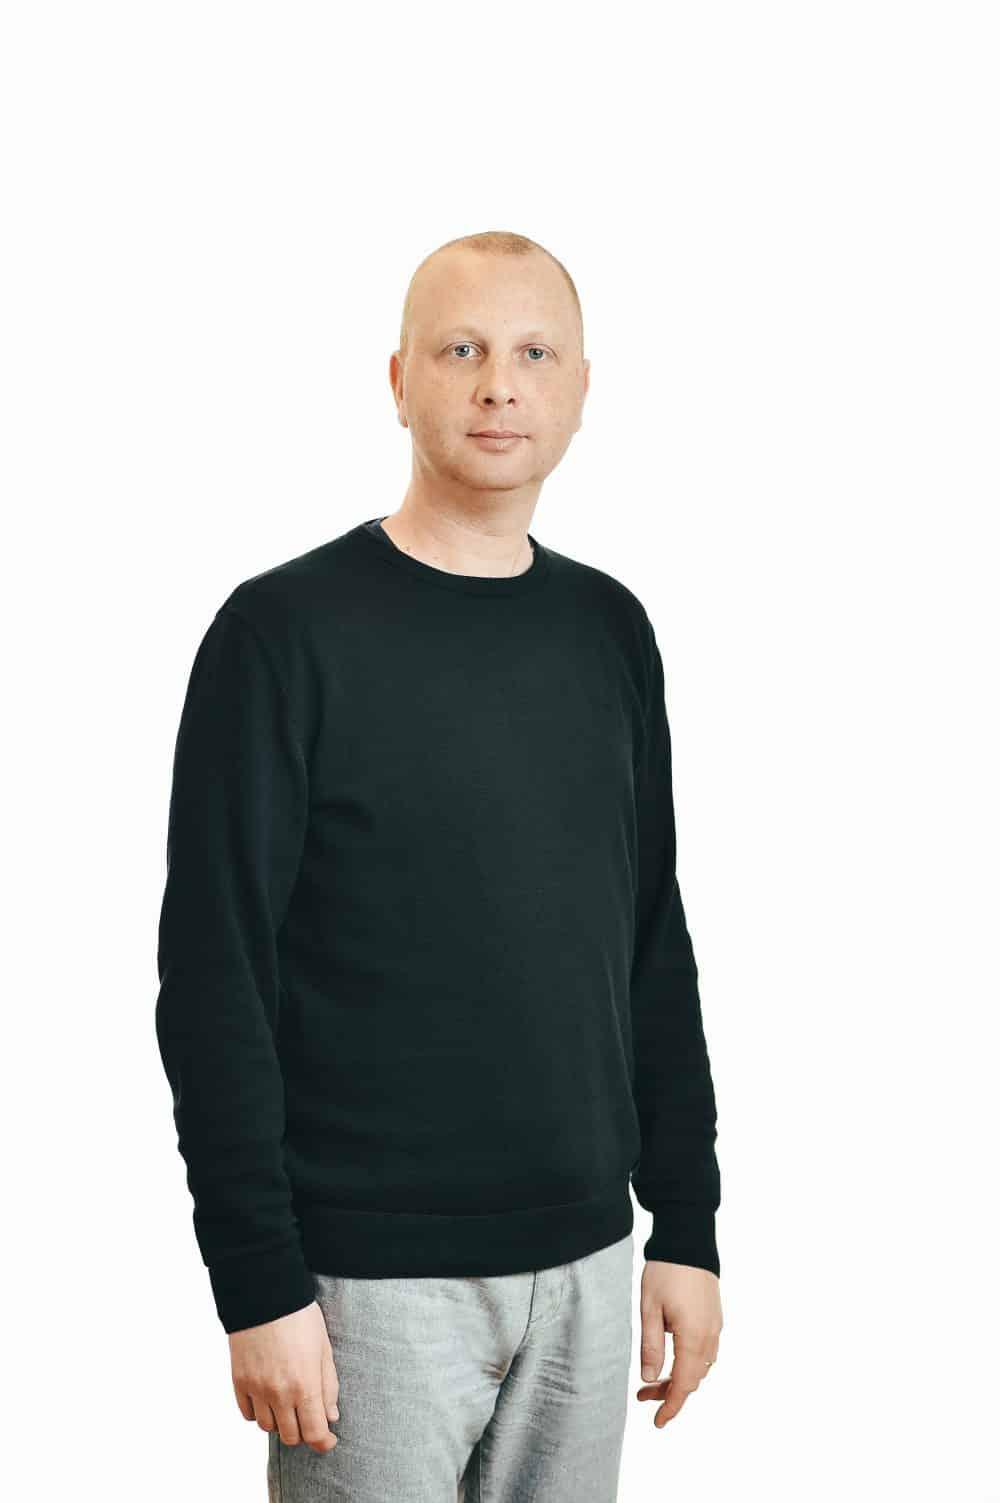 Miha Bernik